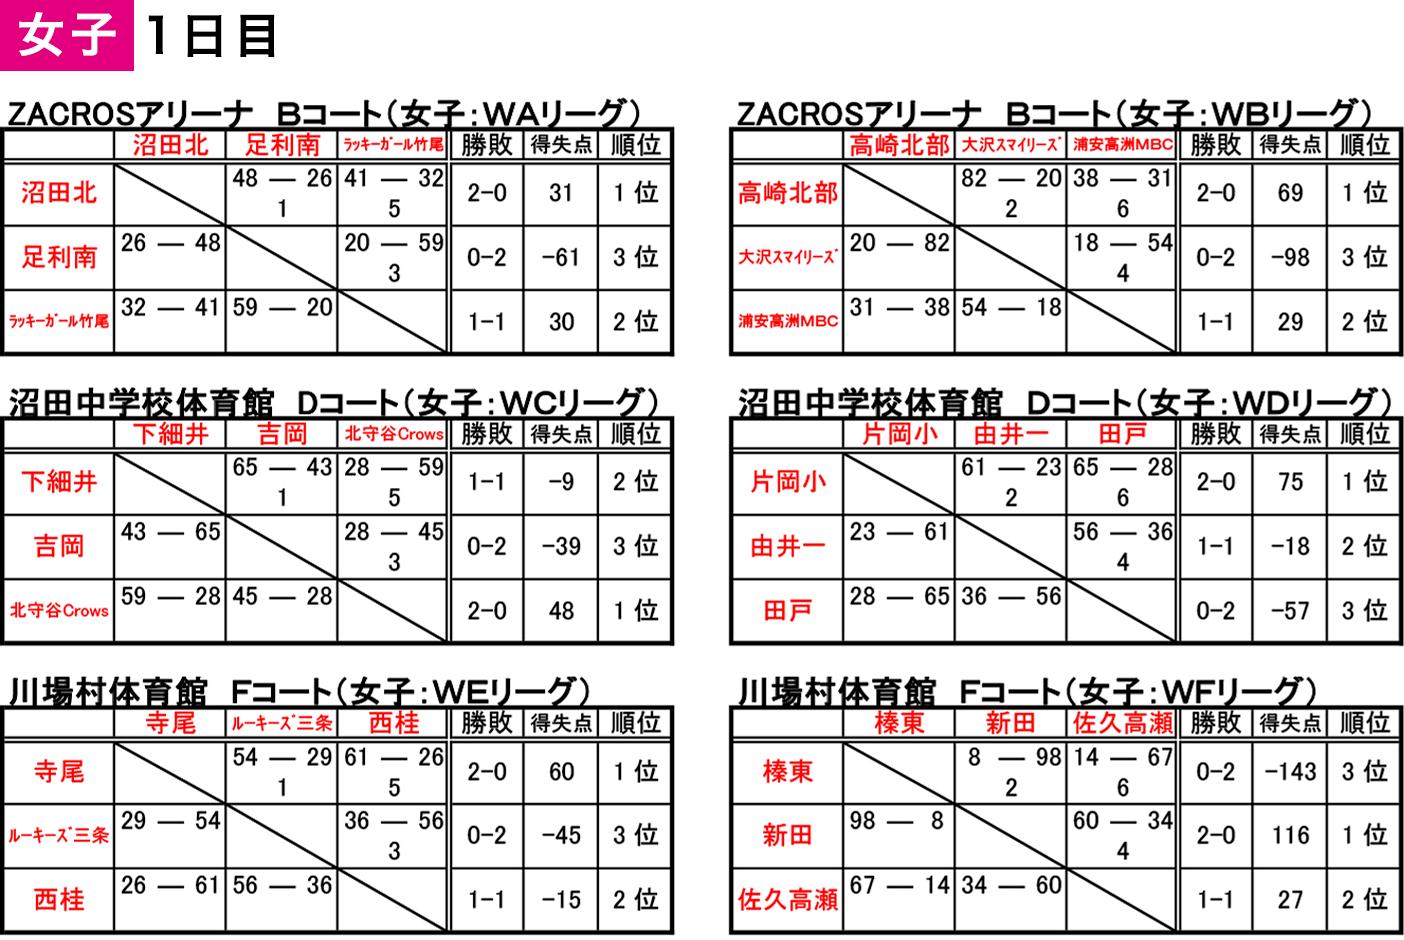 2019 沼田アップルフェスティバル - 大会結果 女子1日目